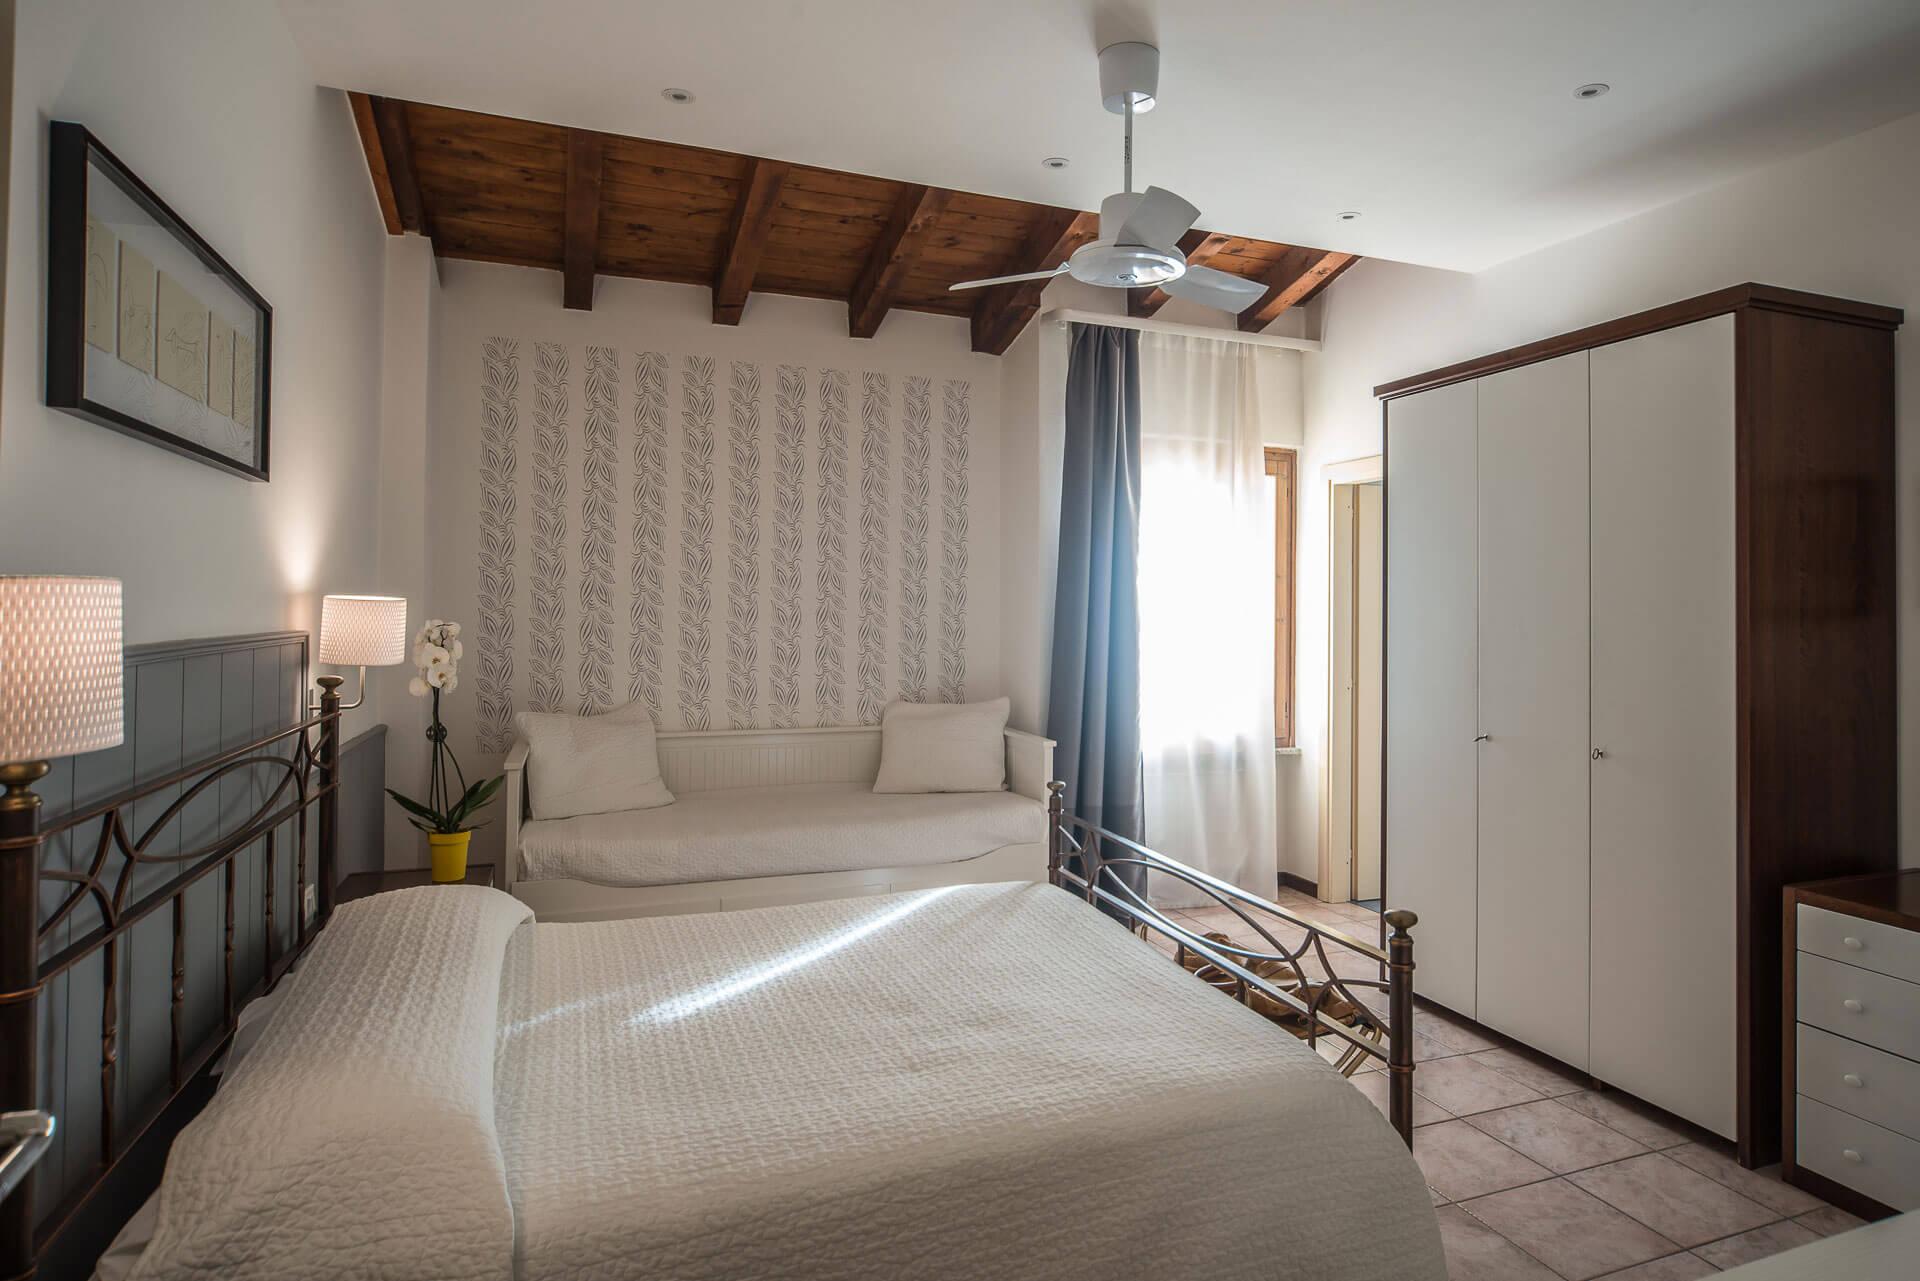 reservations Reservations camere hotel la sosta nozza brescia